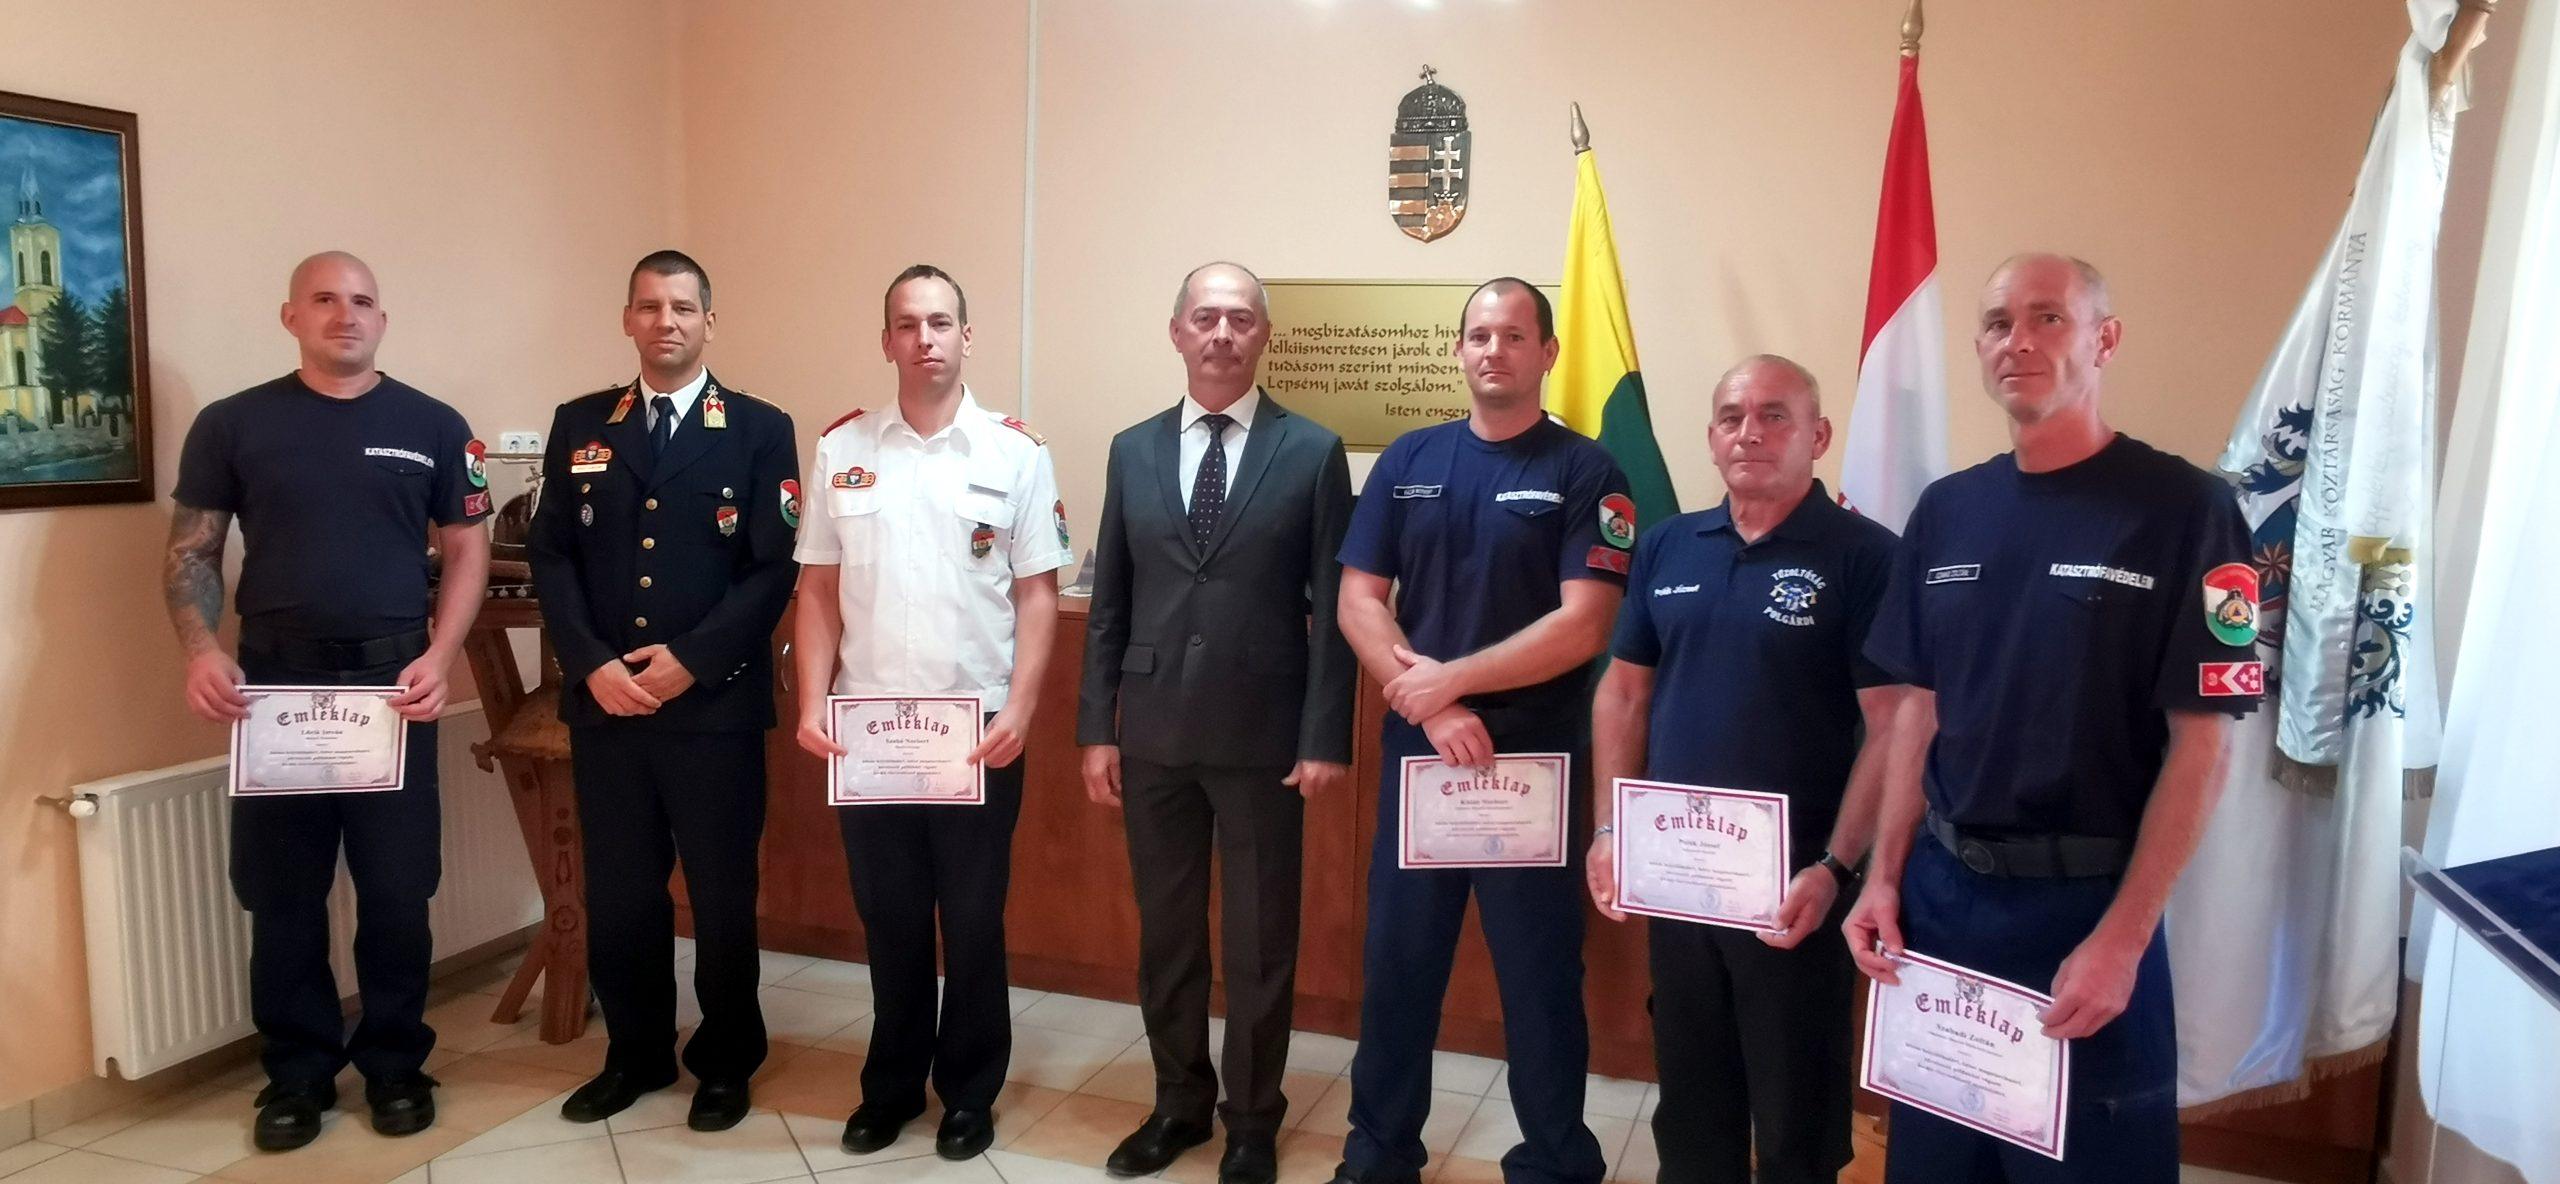 Csoportkép a kitüntetett tűzoltókról és Salamon Béla polgármesterről.